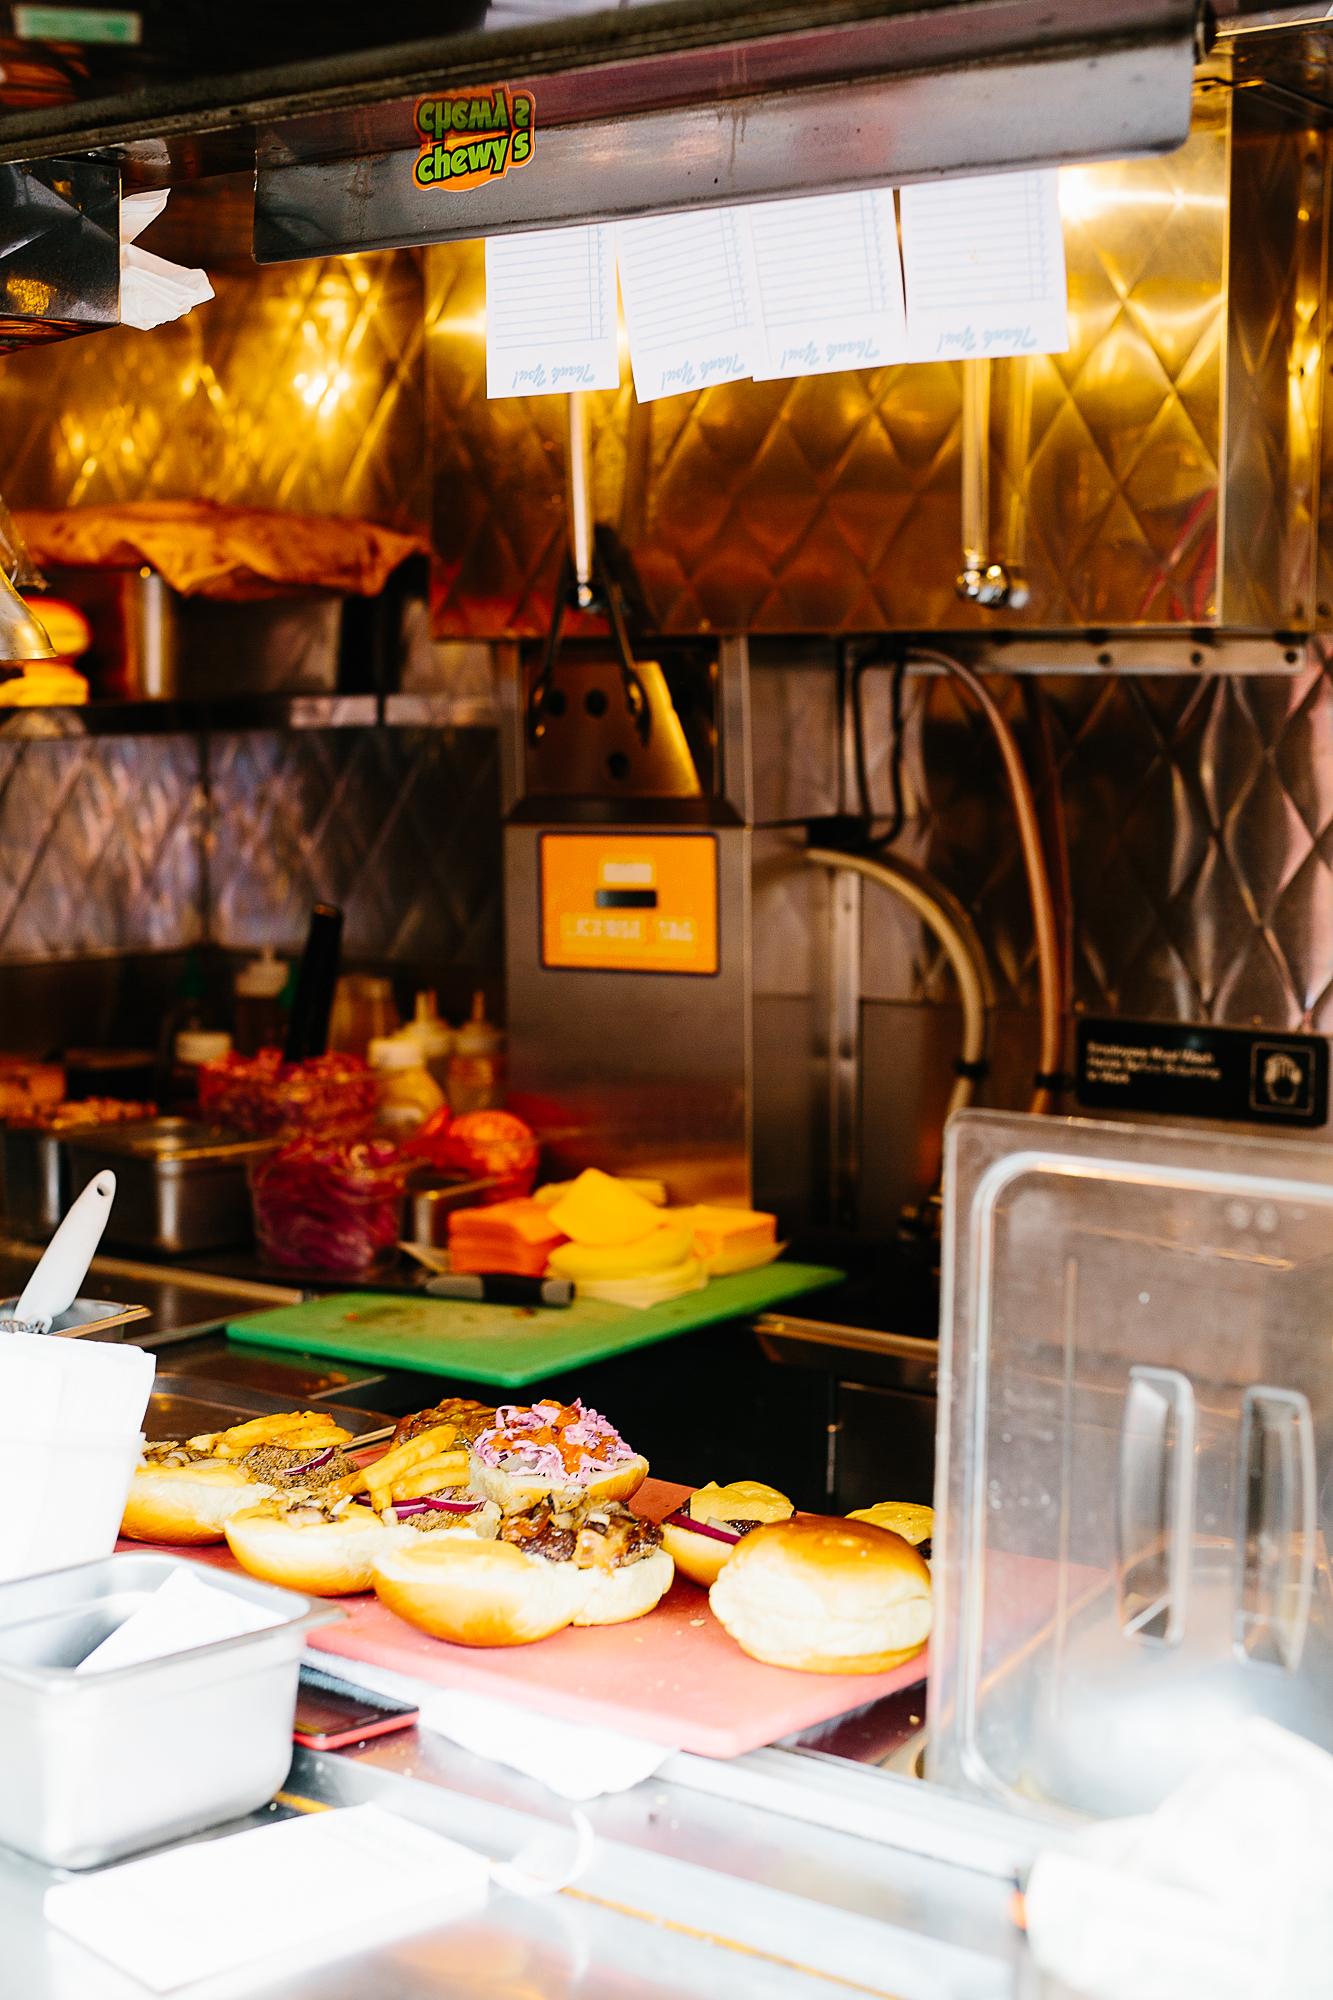 tednghiemphotospotburger-7.jpg